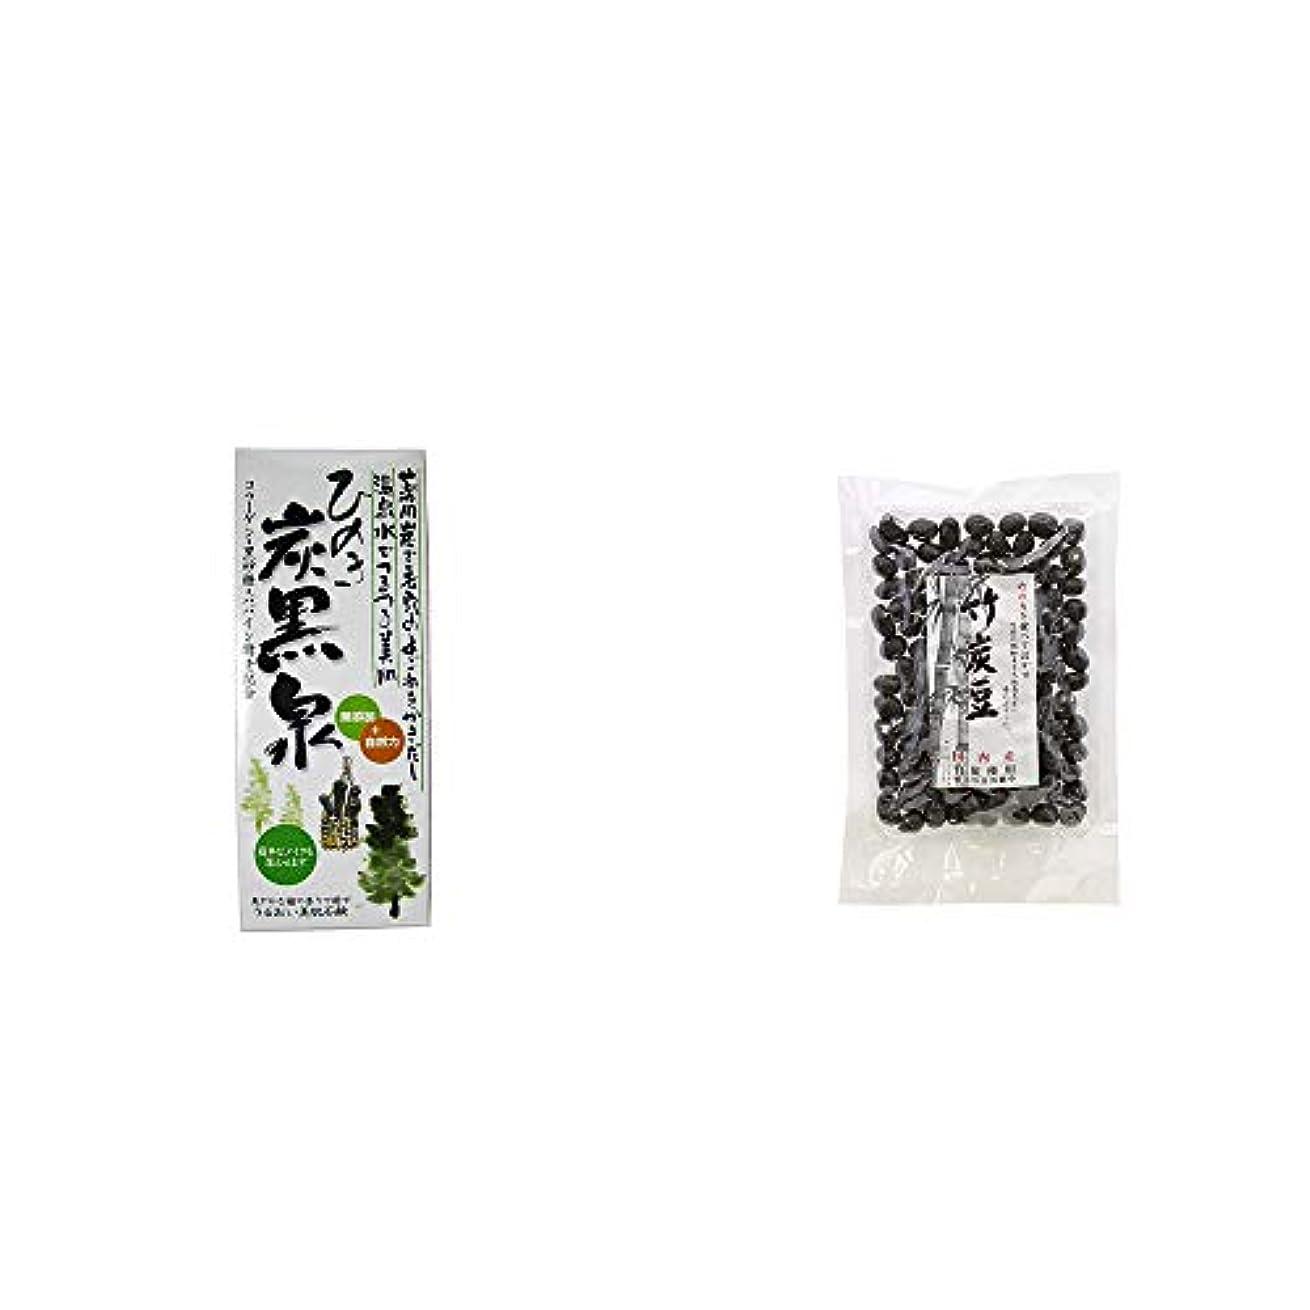 ナット短くするアソシエイト[2点セット] ひのき炭黒泉 箱入り(75g×3)?国内産 竹炭使用 竹炭豆(160g)